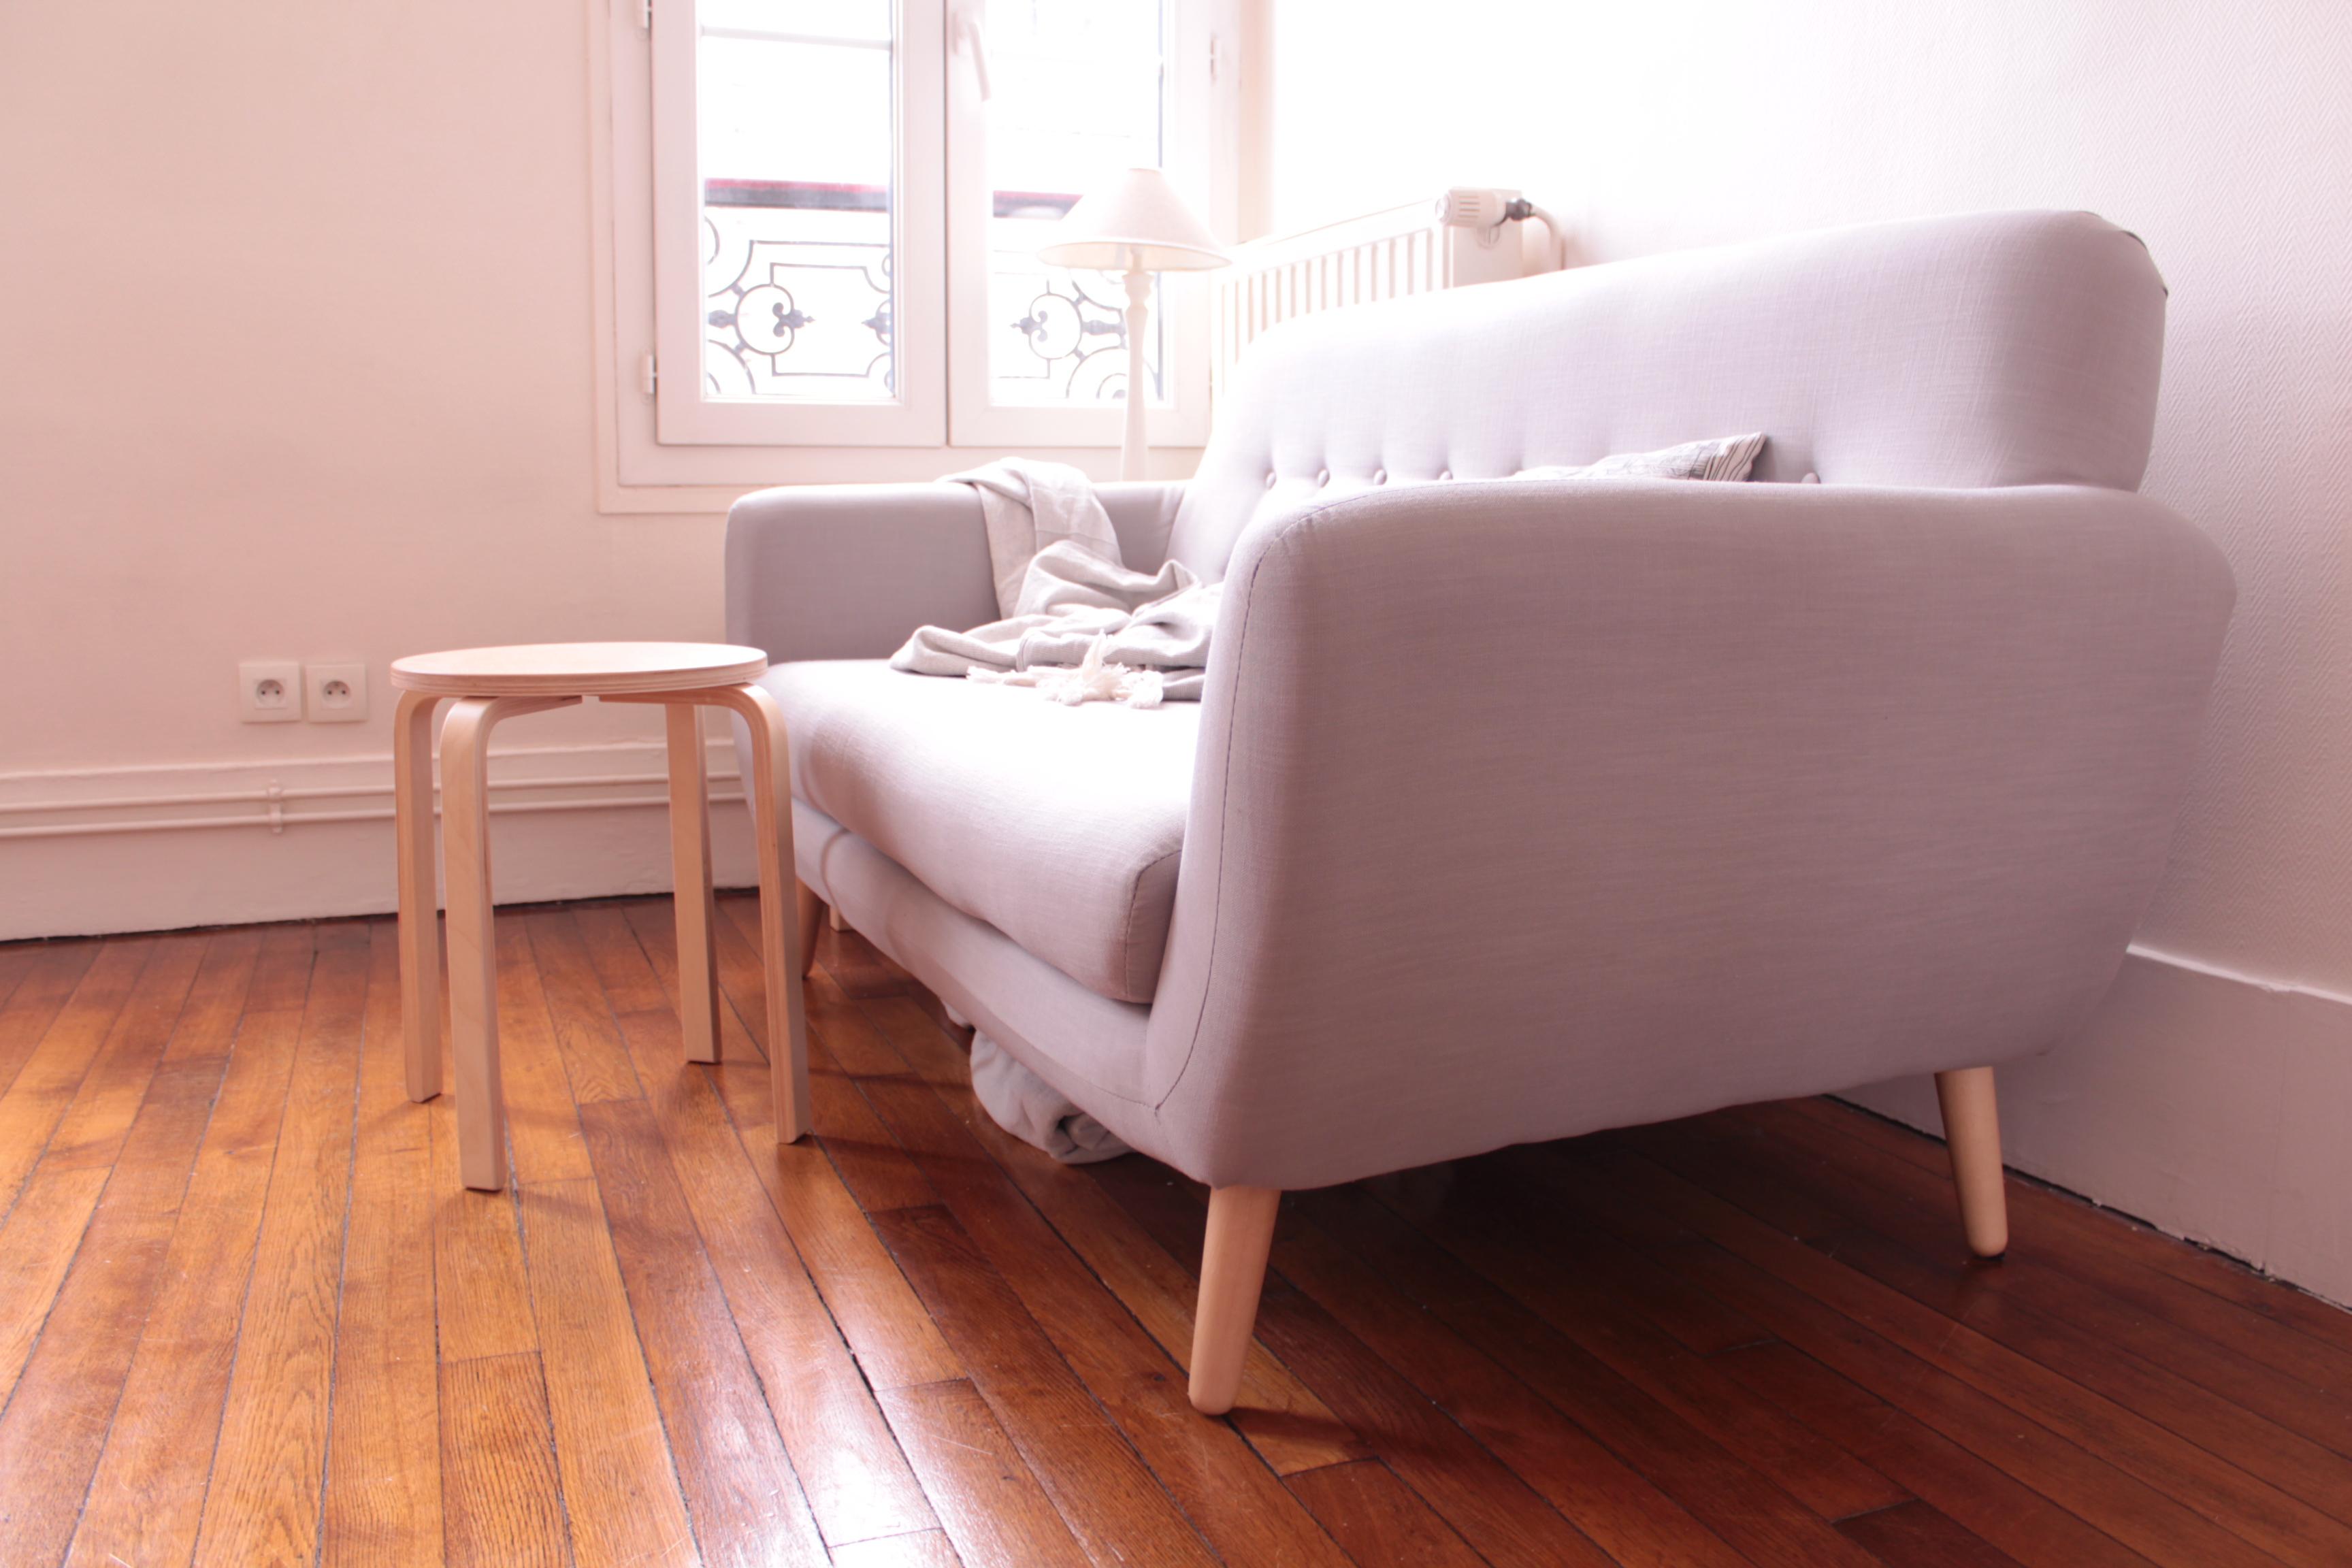 parc jardin maison magazine d co int rieur ext rieur jardinage bricolage. Black Bedroom Furniture Sets. Home Design Ideas